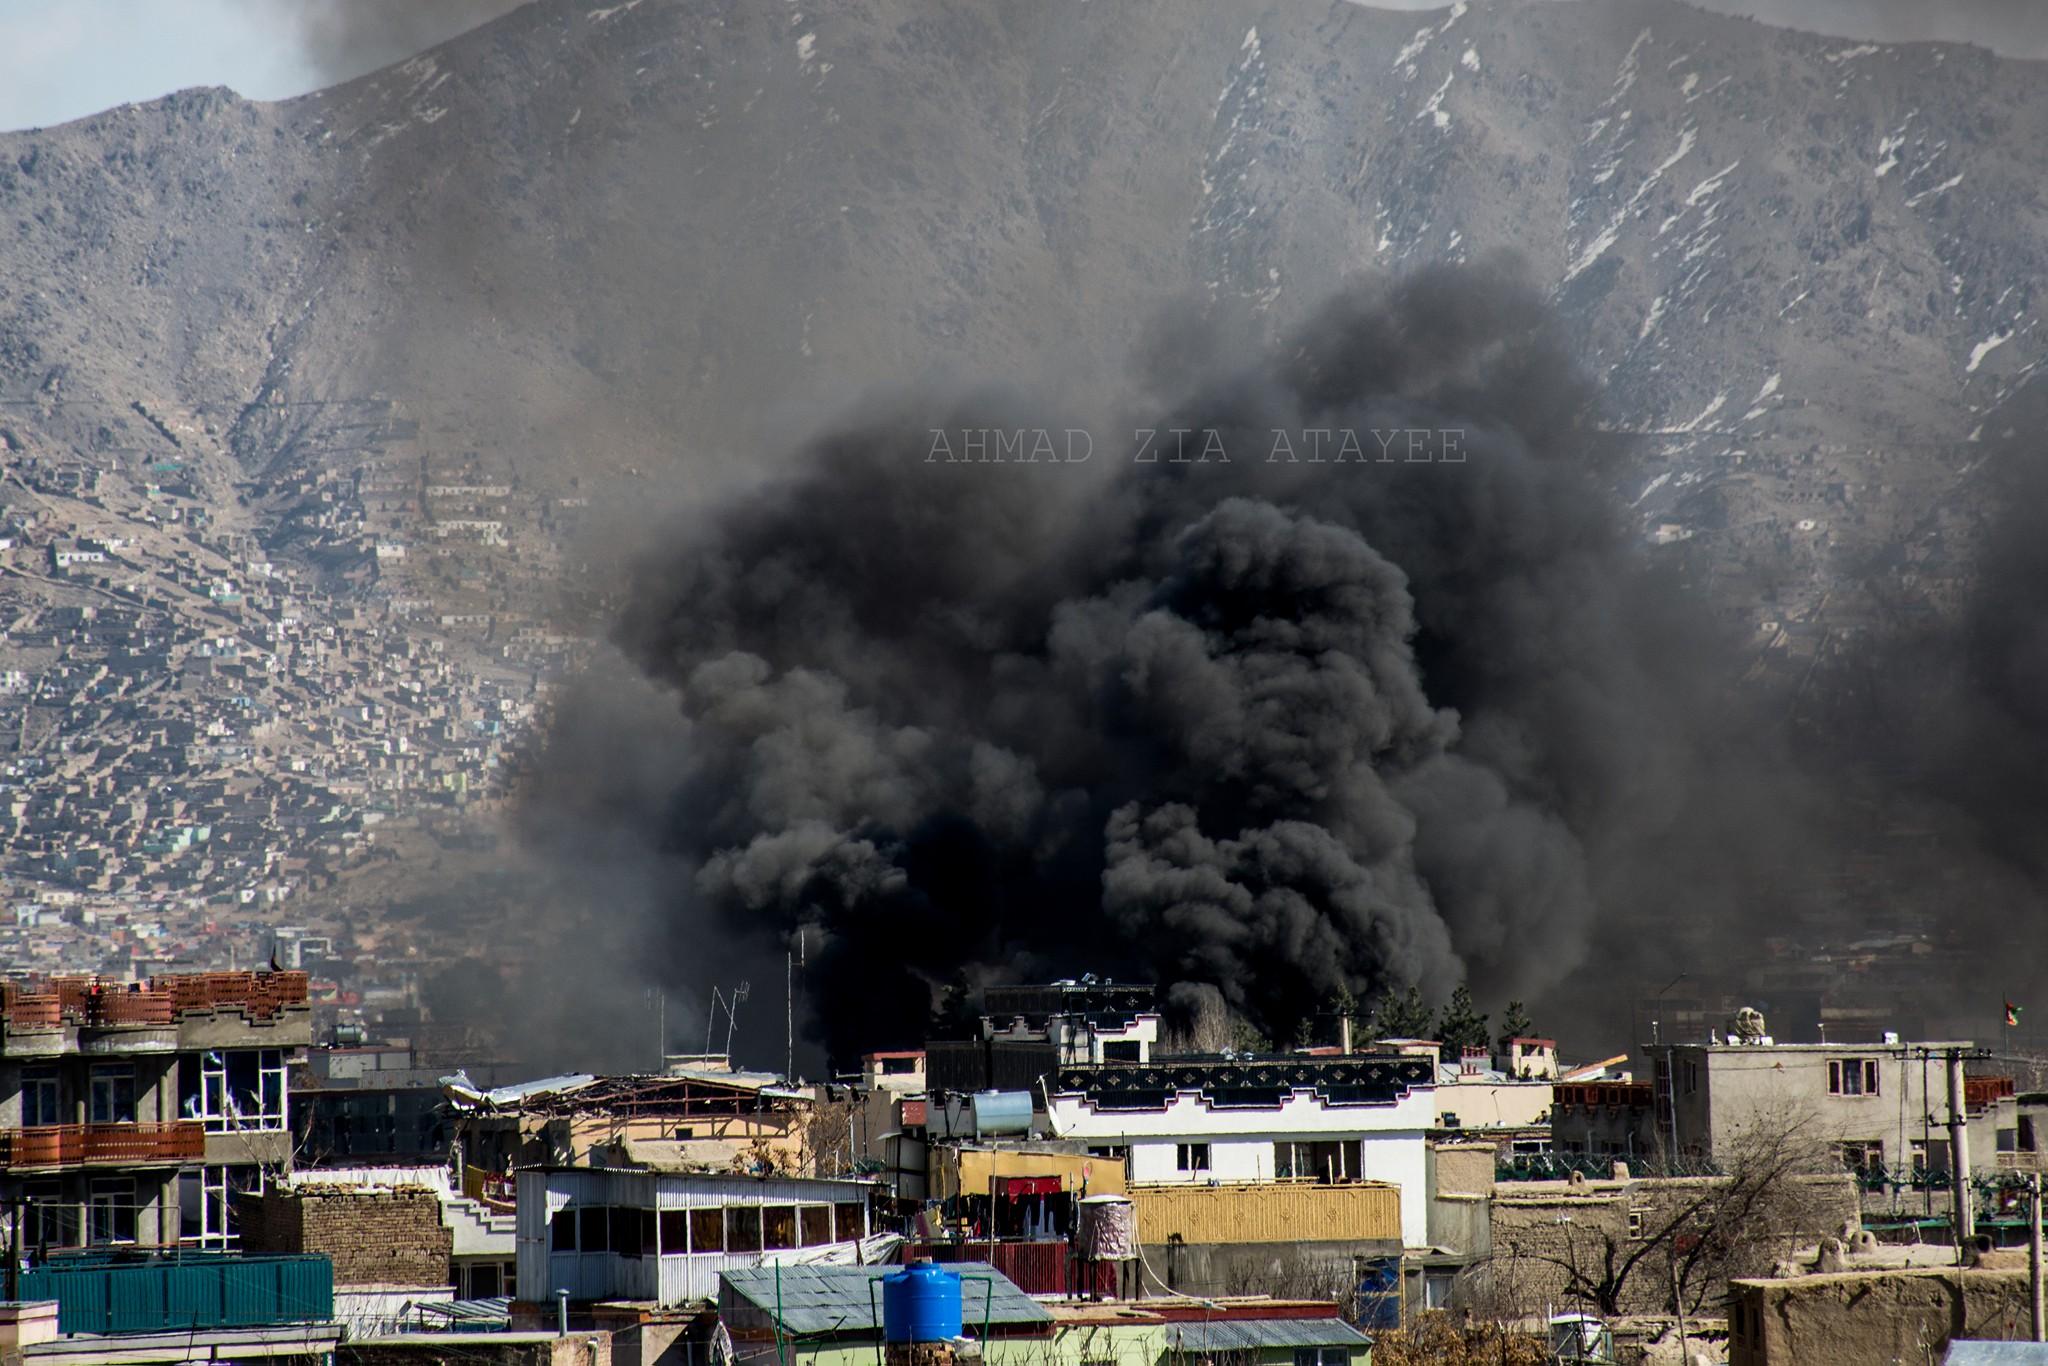 نخستین لحظات انفجار در ساحهی حوزه ششم امنیتی کابل